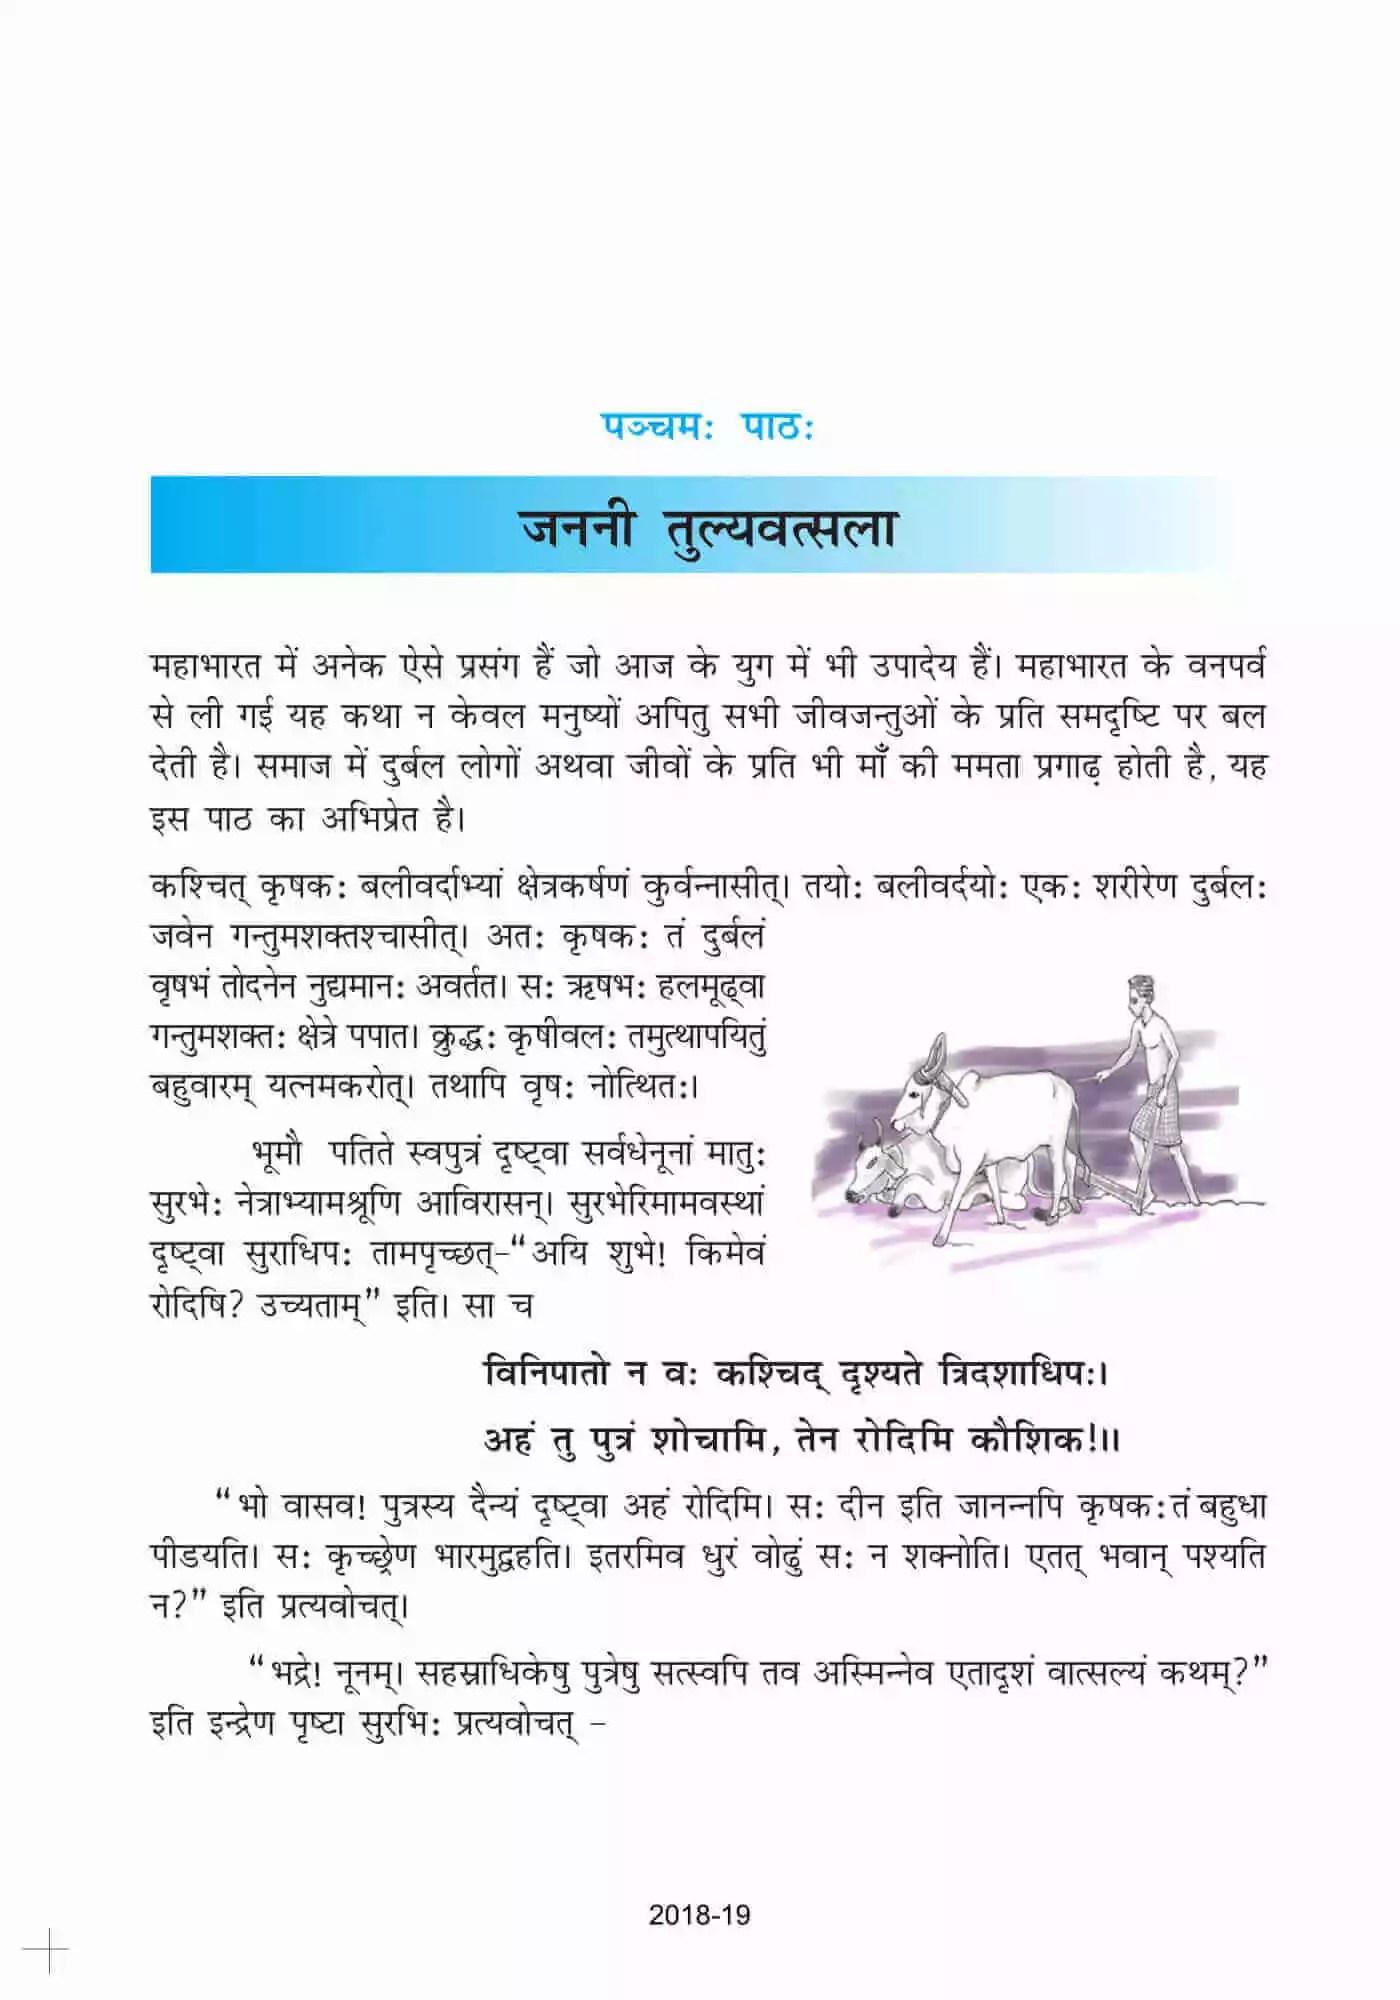 NCERT Solutions For Class 10 Sanskrit Shemushi Chapter 5